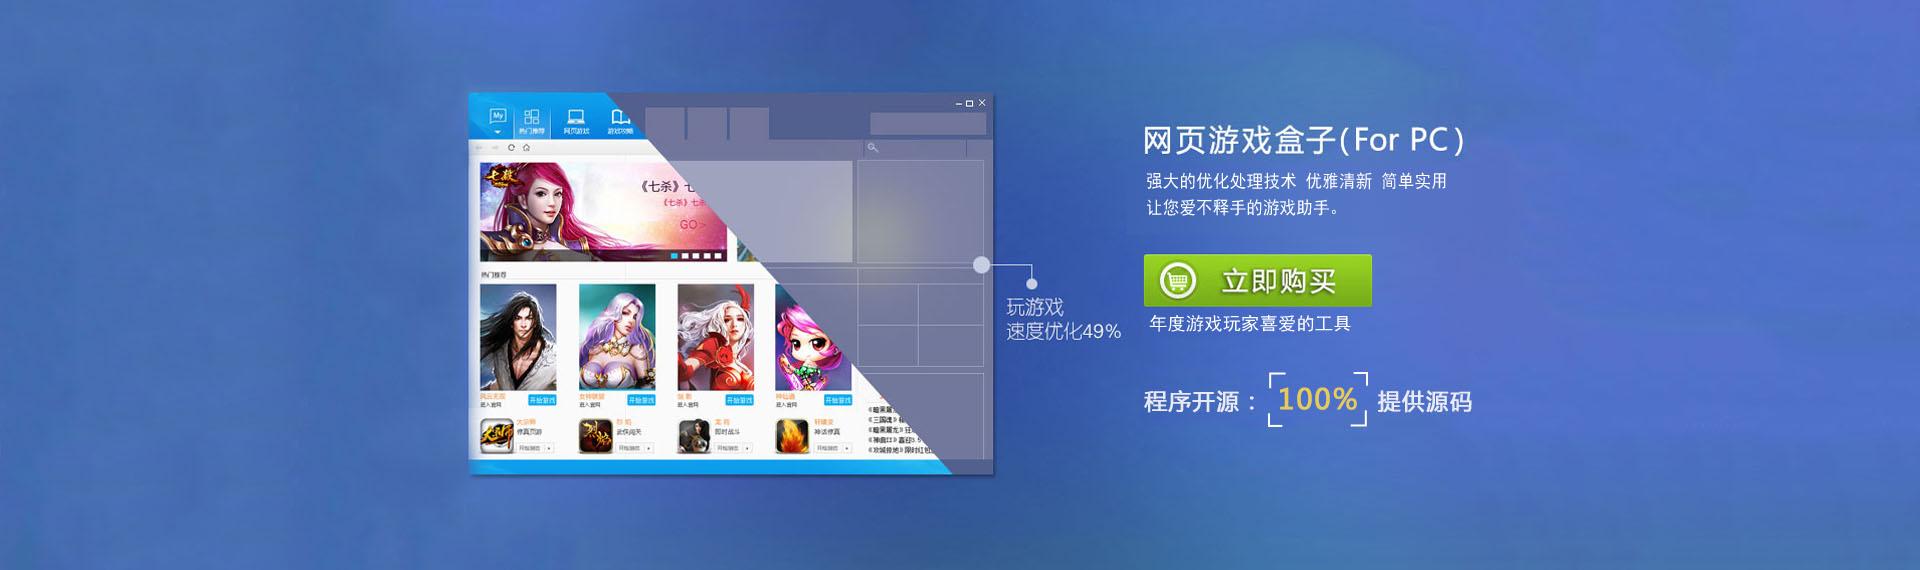 网页游戏盒子